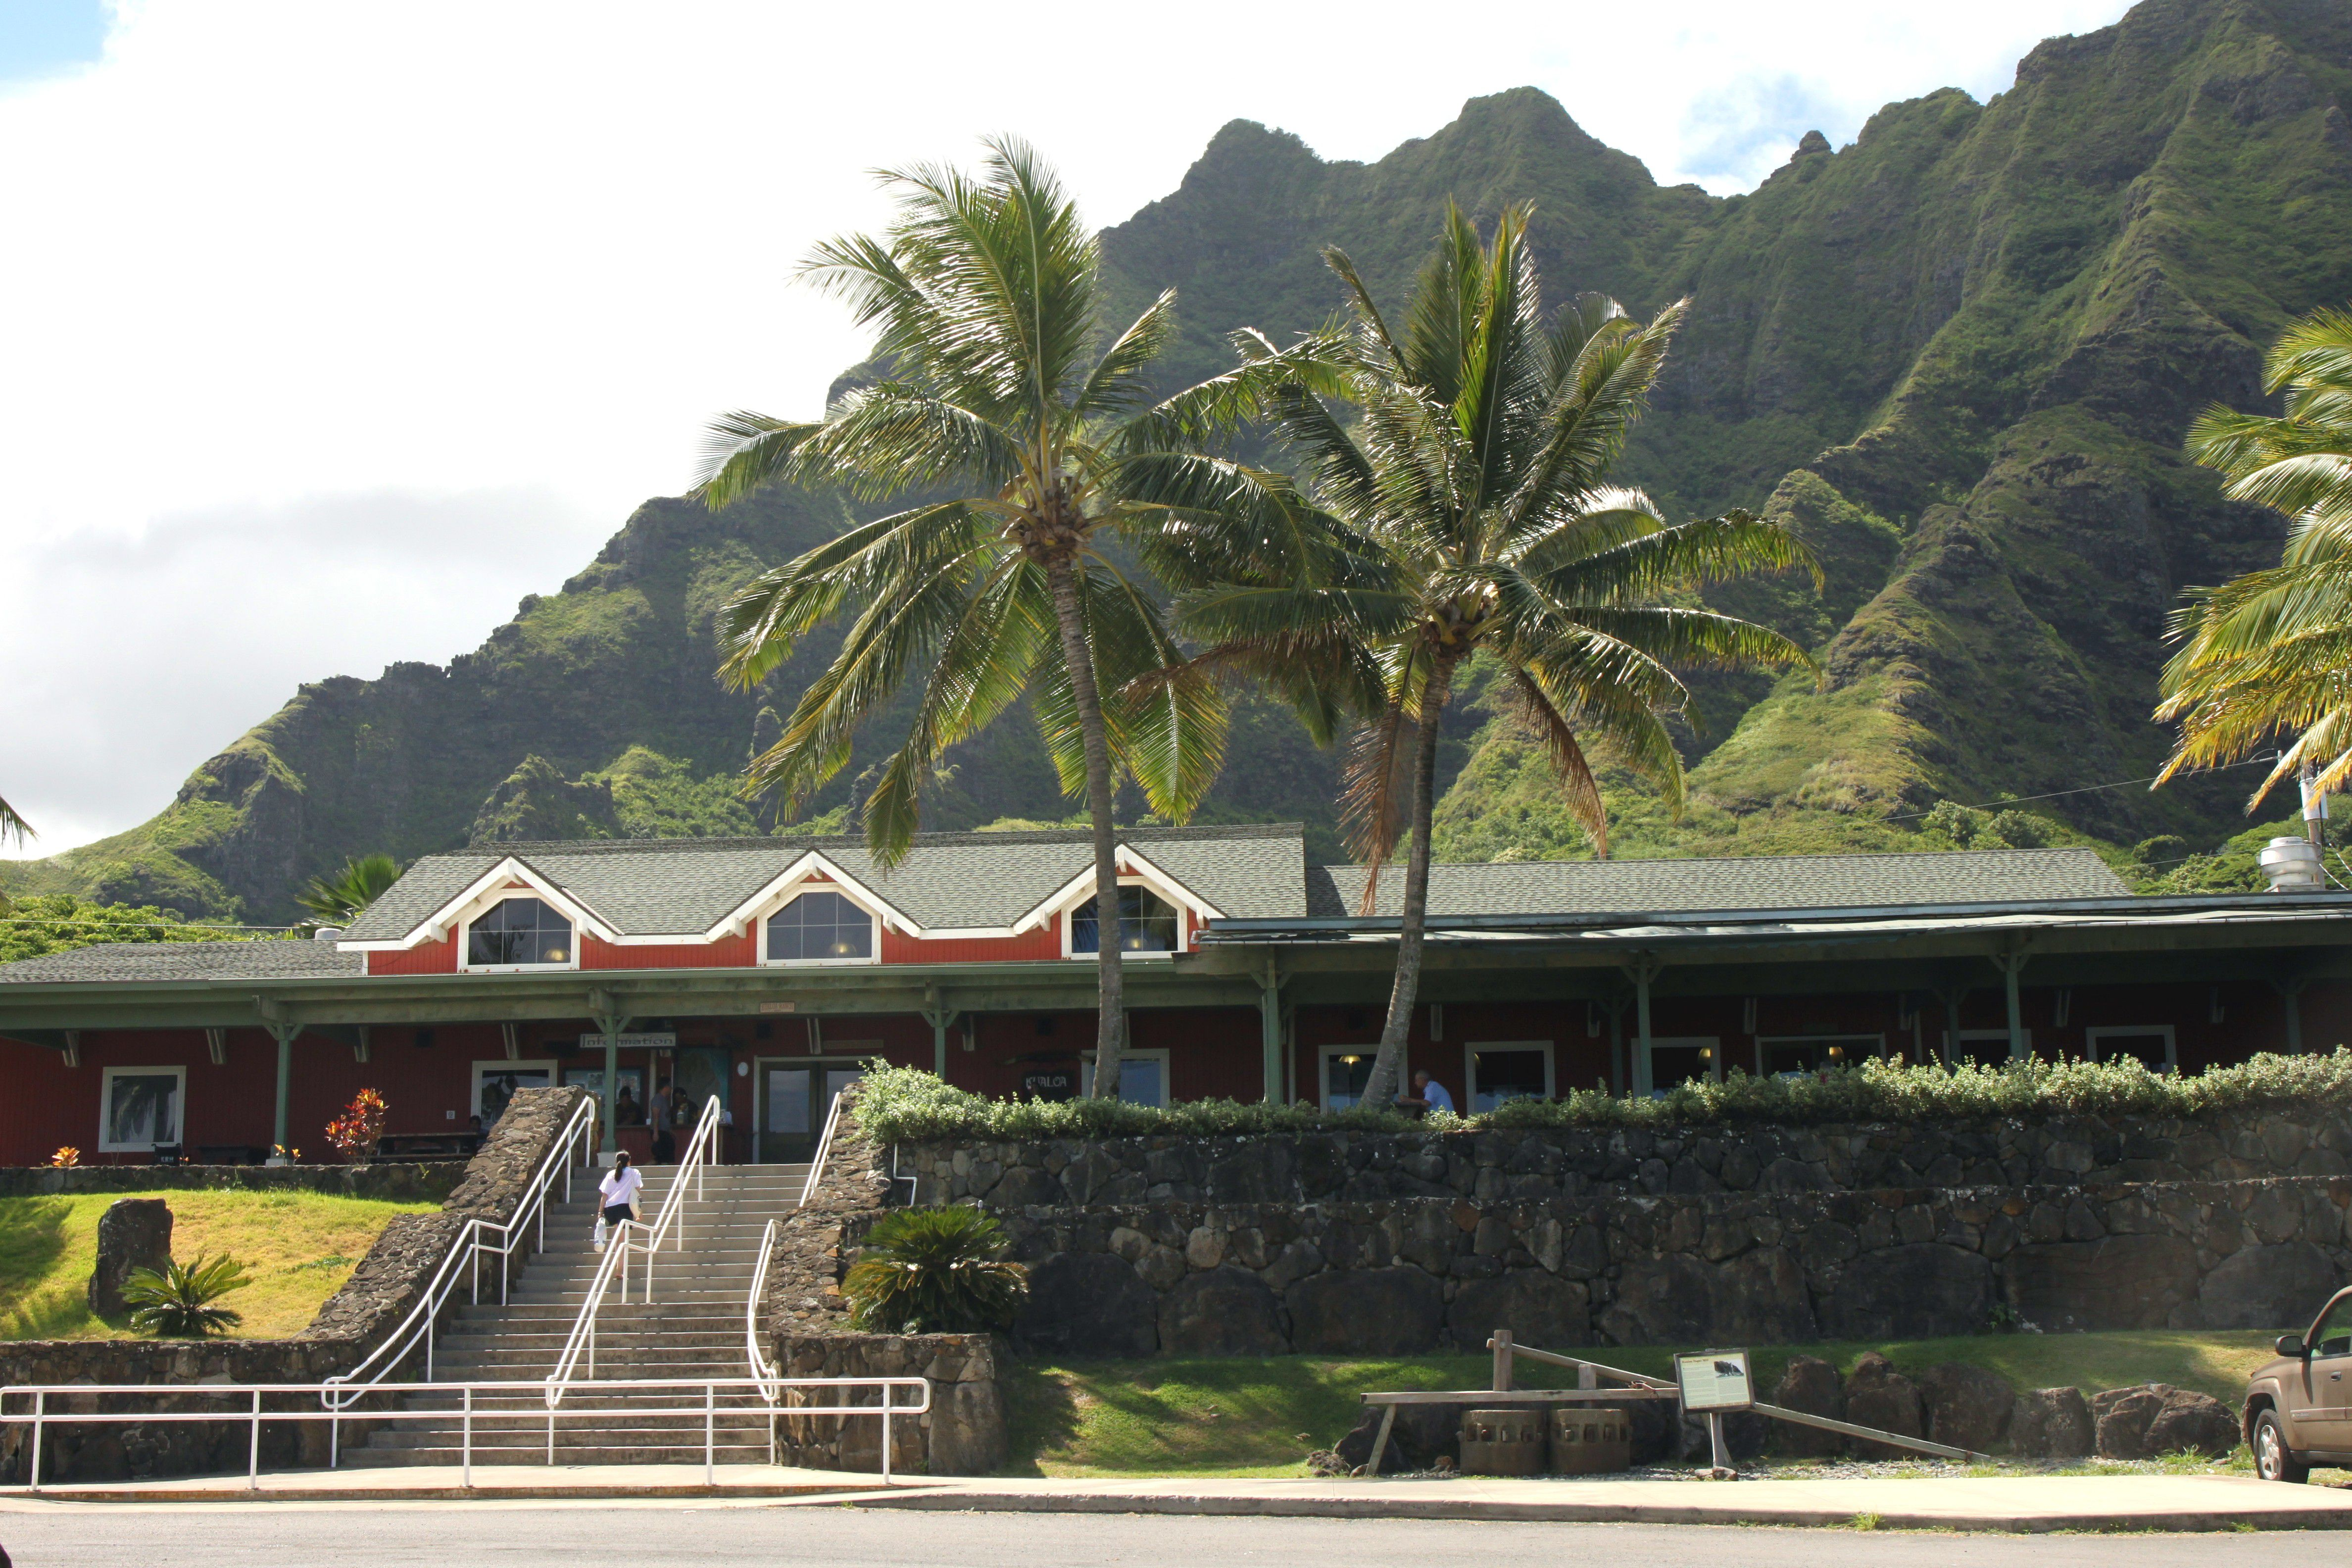 Exterior view of Kualoa Ranch in Oahu, Hawaii.